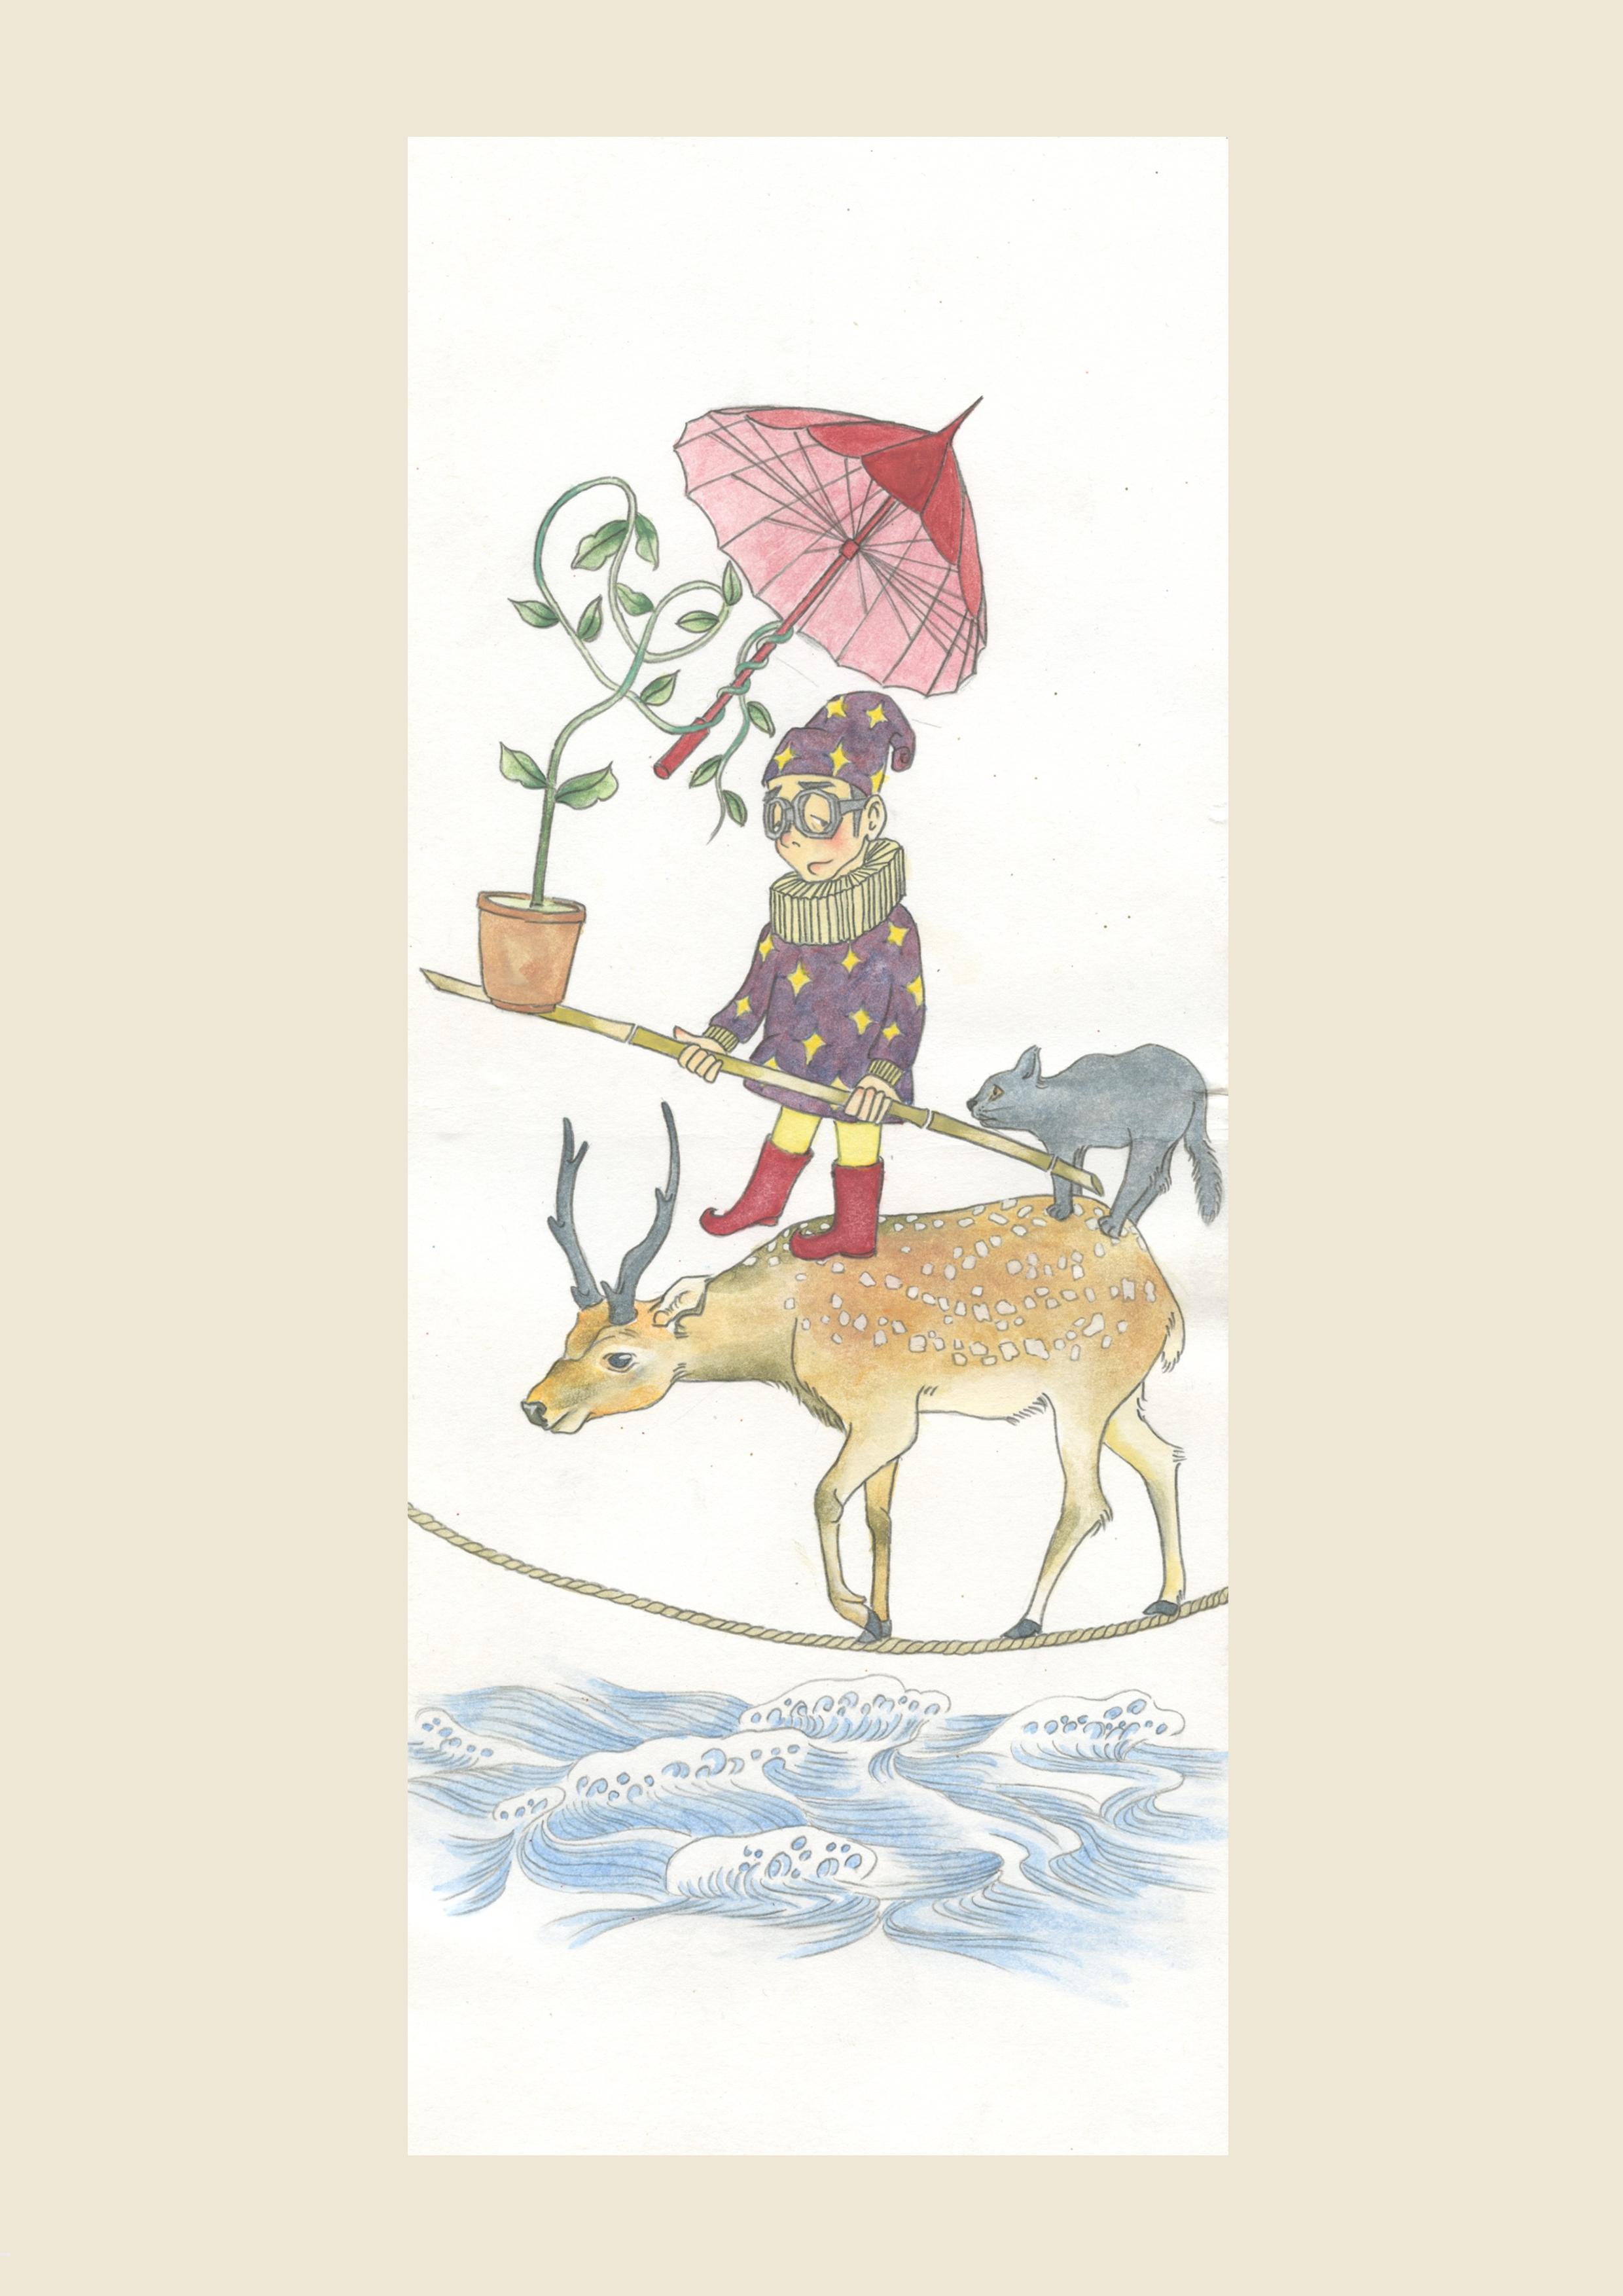 《臆的明信片》手绘图像日记